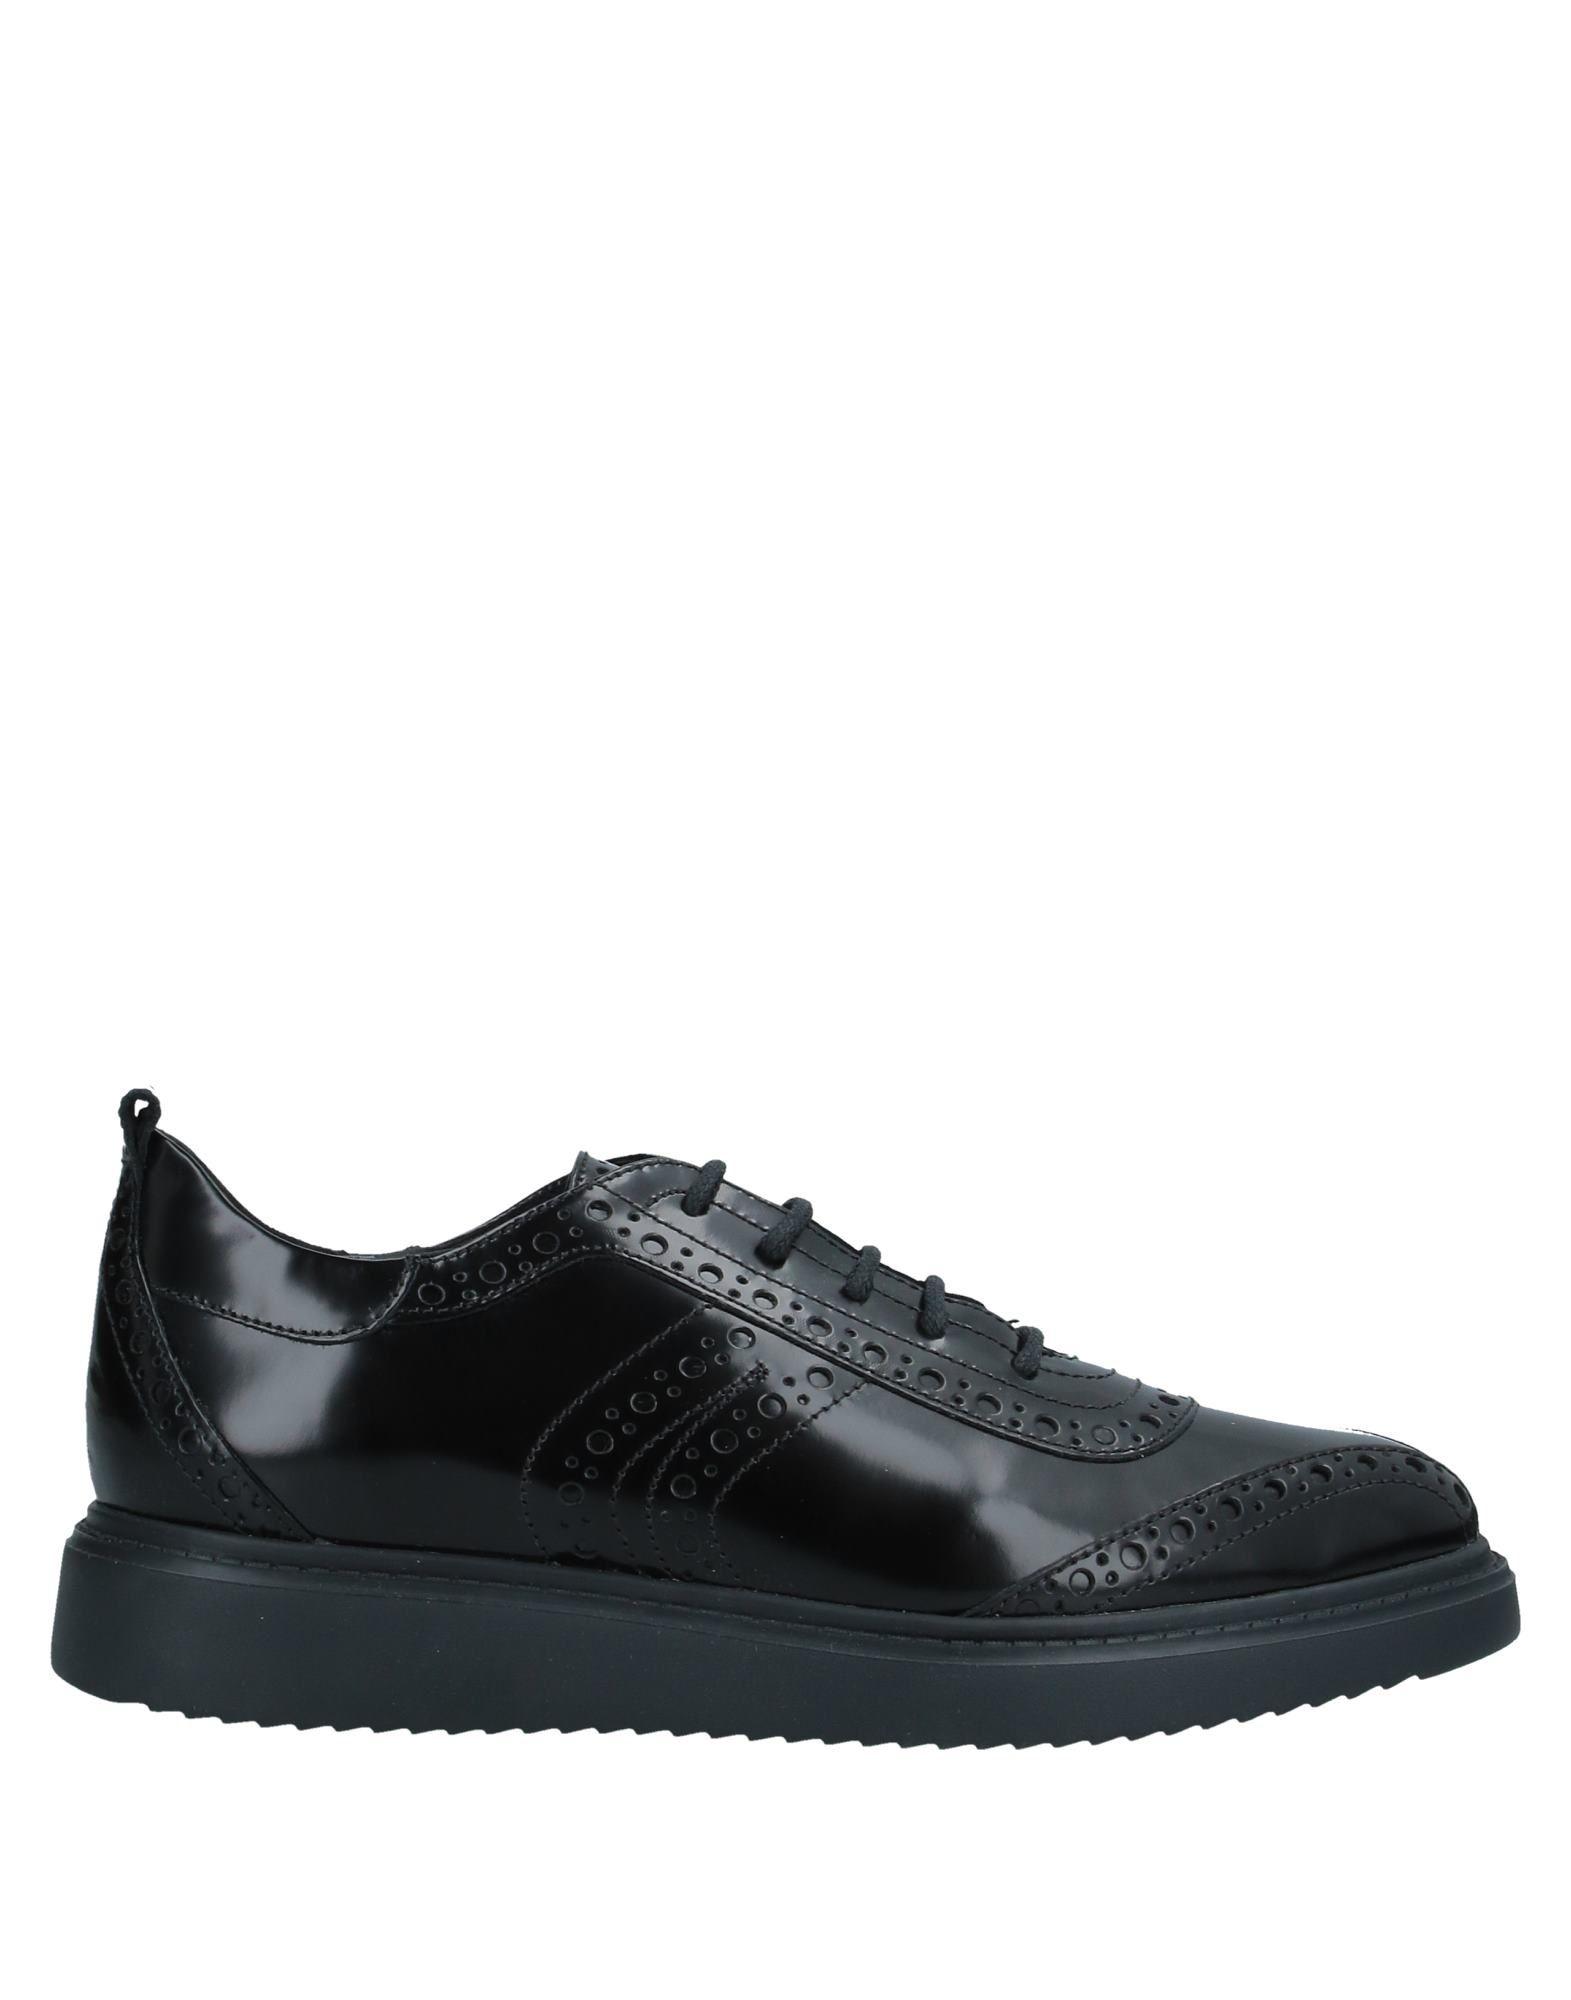 GEOX Обувь на шнурках wys watch your step обувь на шнурках